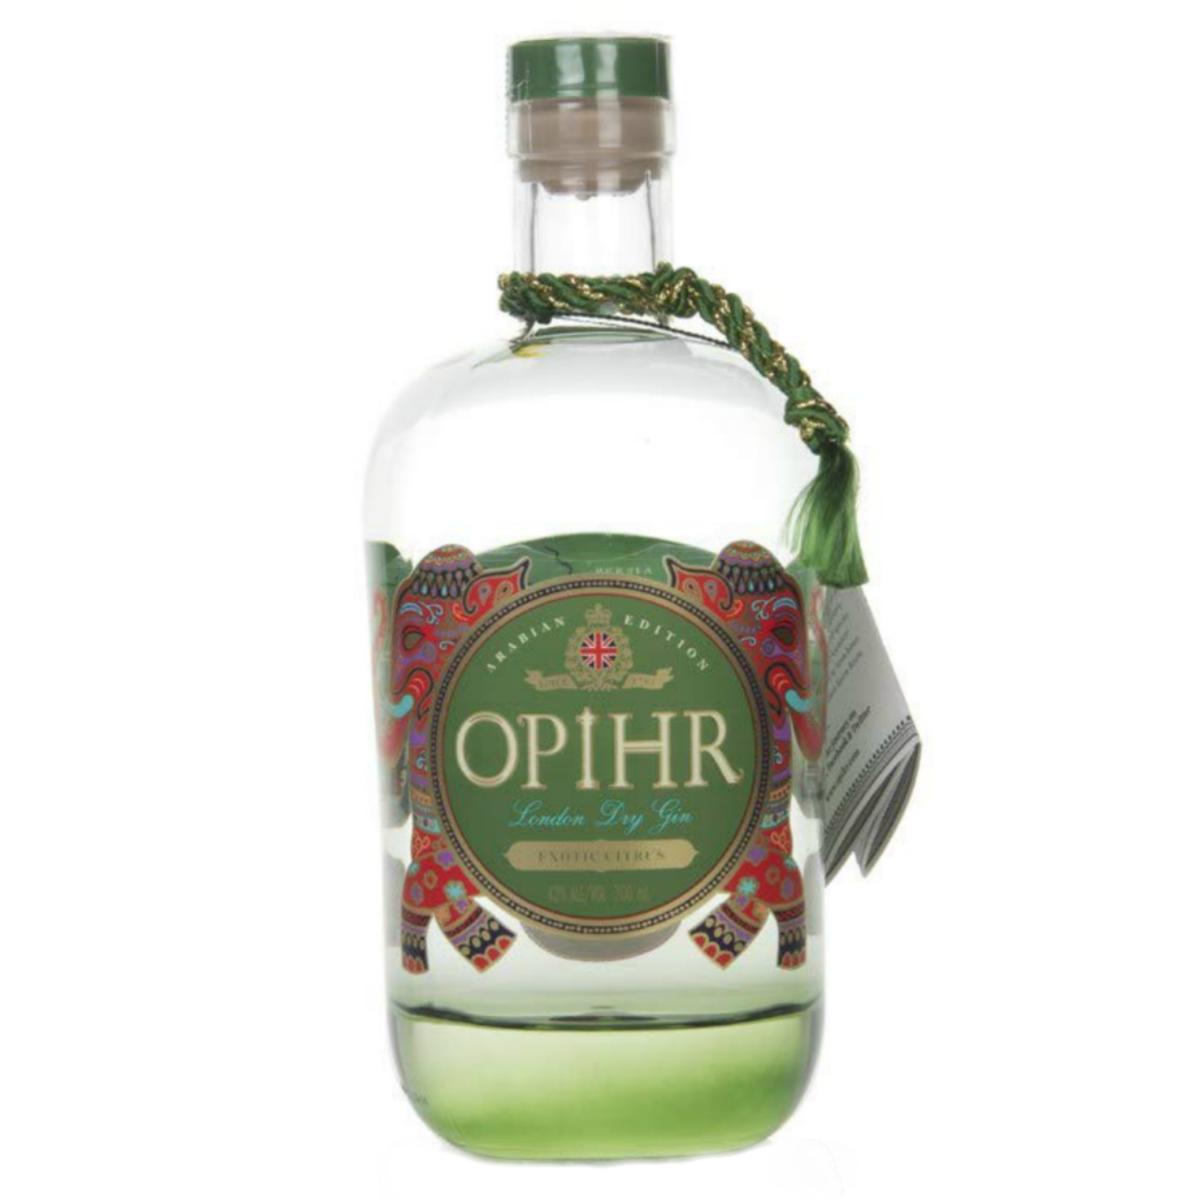 Opihr | Arabian Edition Gin